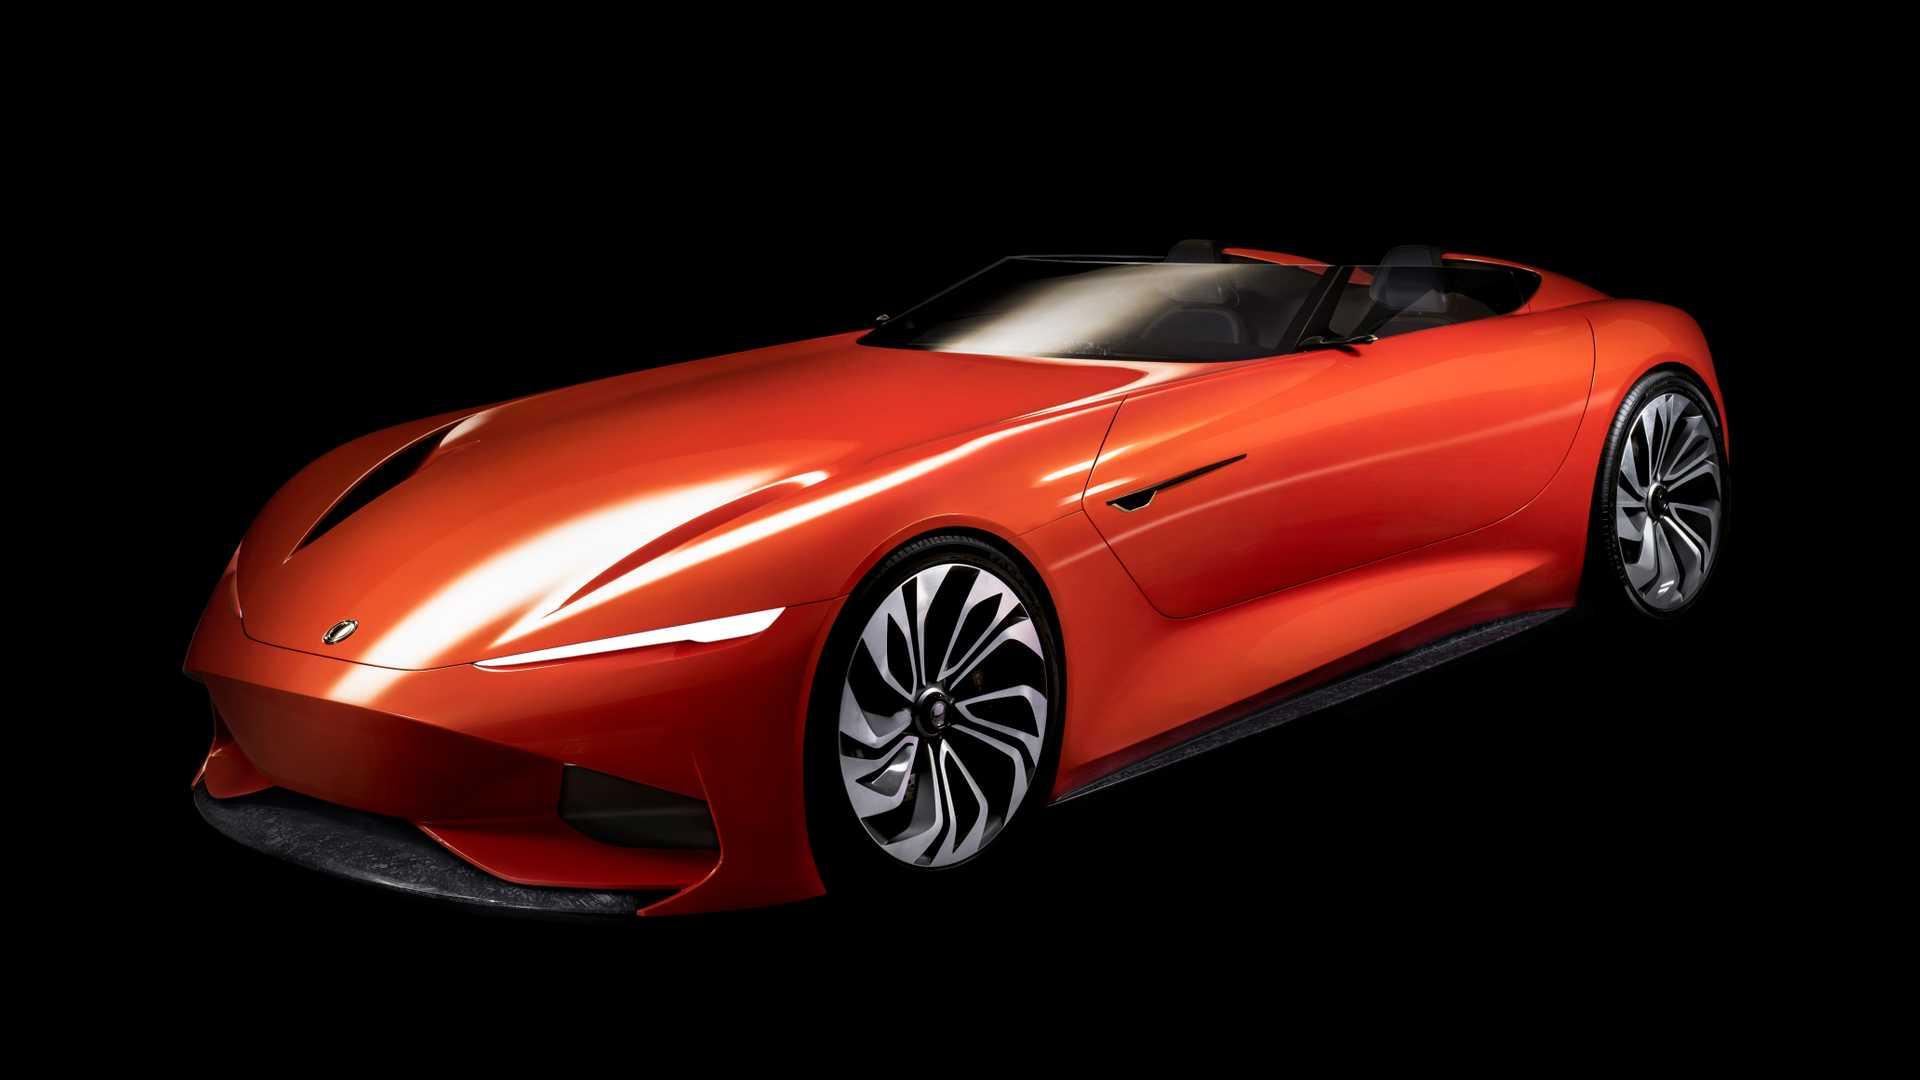 Калифорнийская Karma Automotive раскроет в Пеббл-Бич концептуальный SC1 Vision – спидстер с полностью электрической силовой установкой. Прототип призван продемонстрировать новый фирменный стиль марки и передовые технологии.